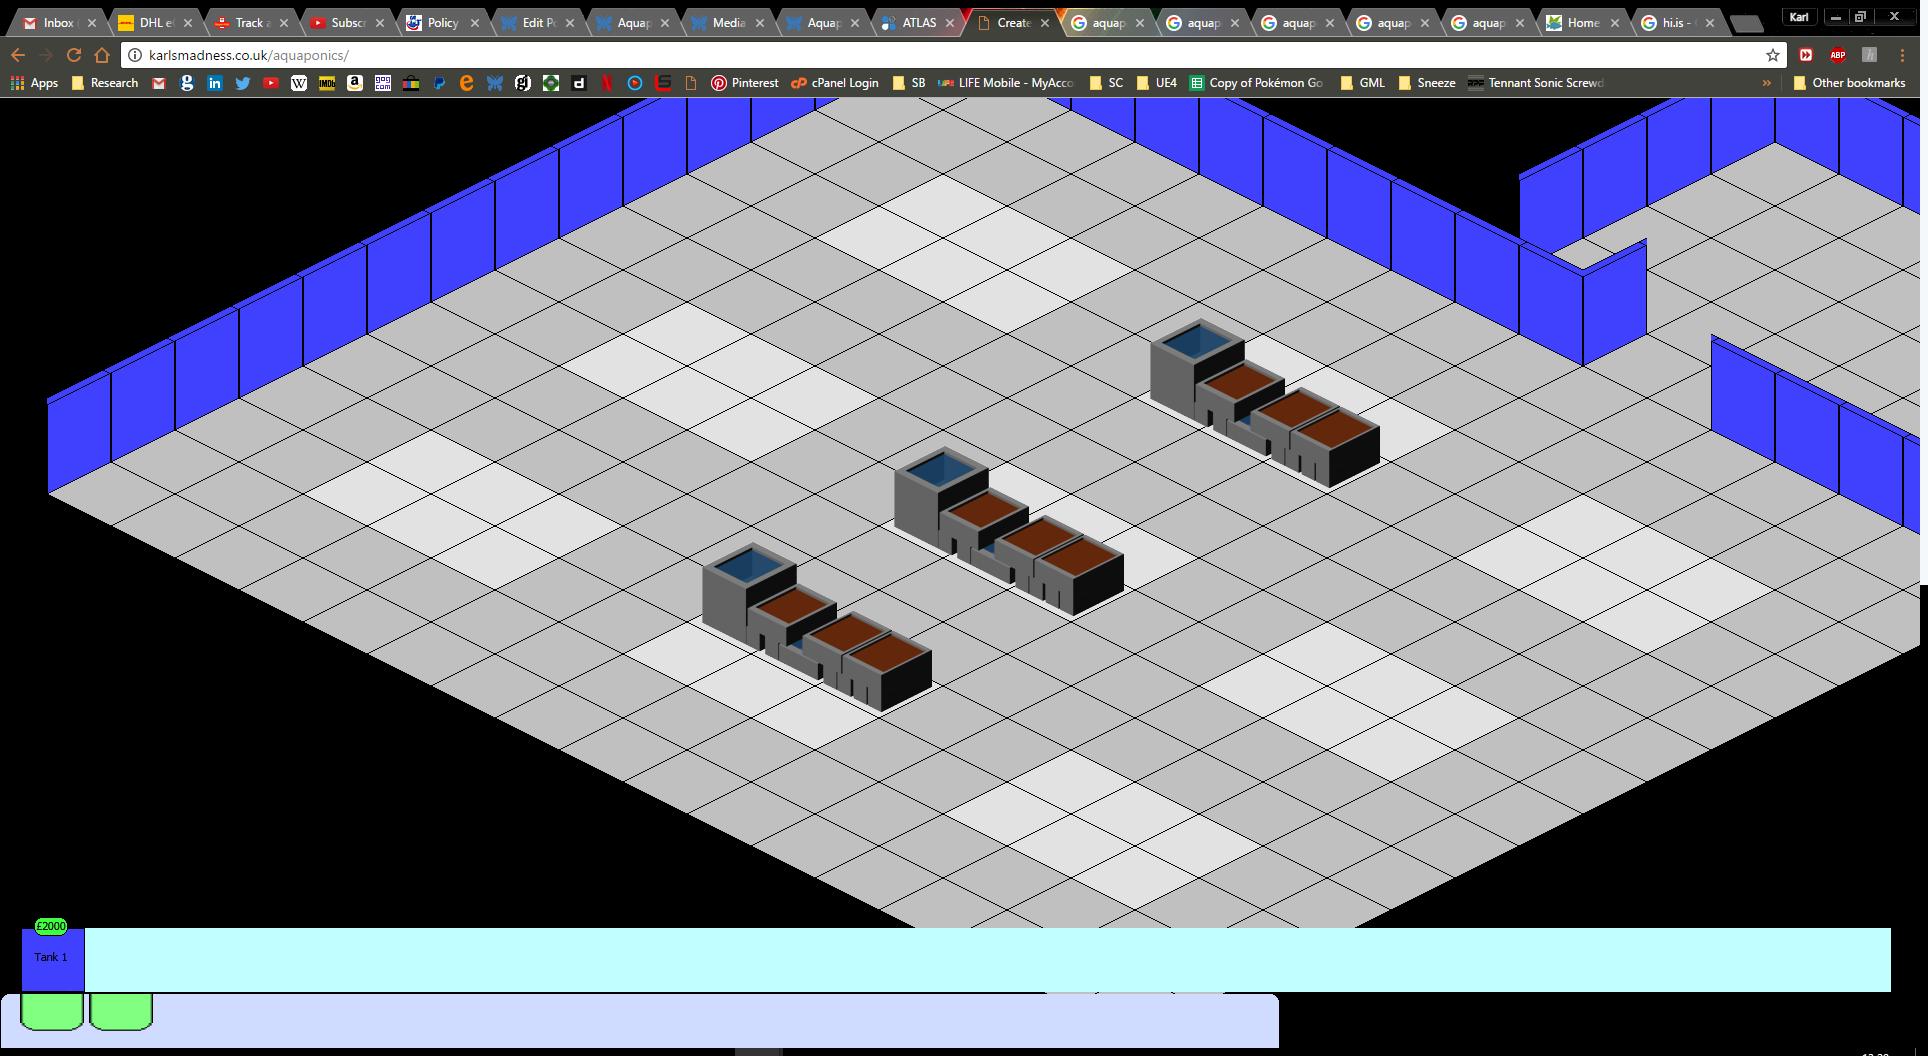 aquaponics game screenshot